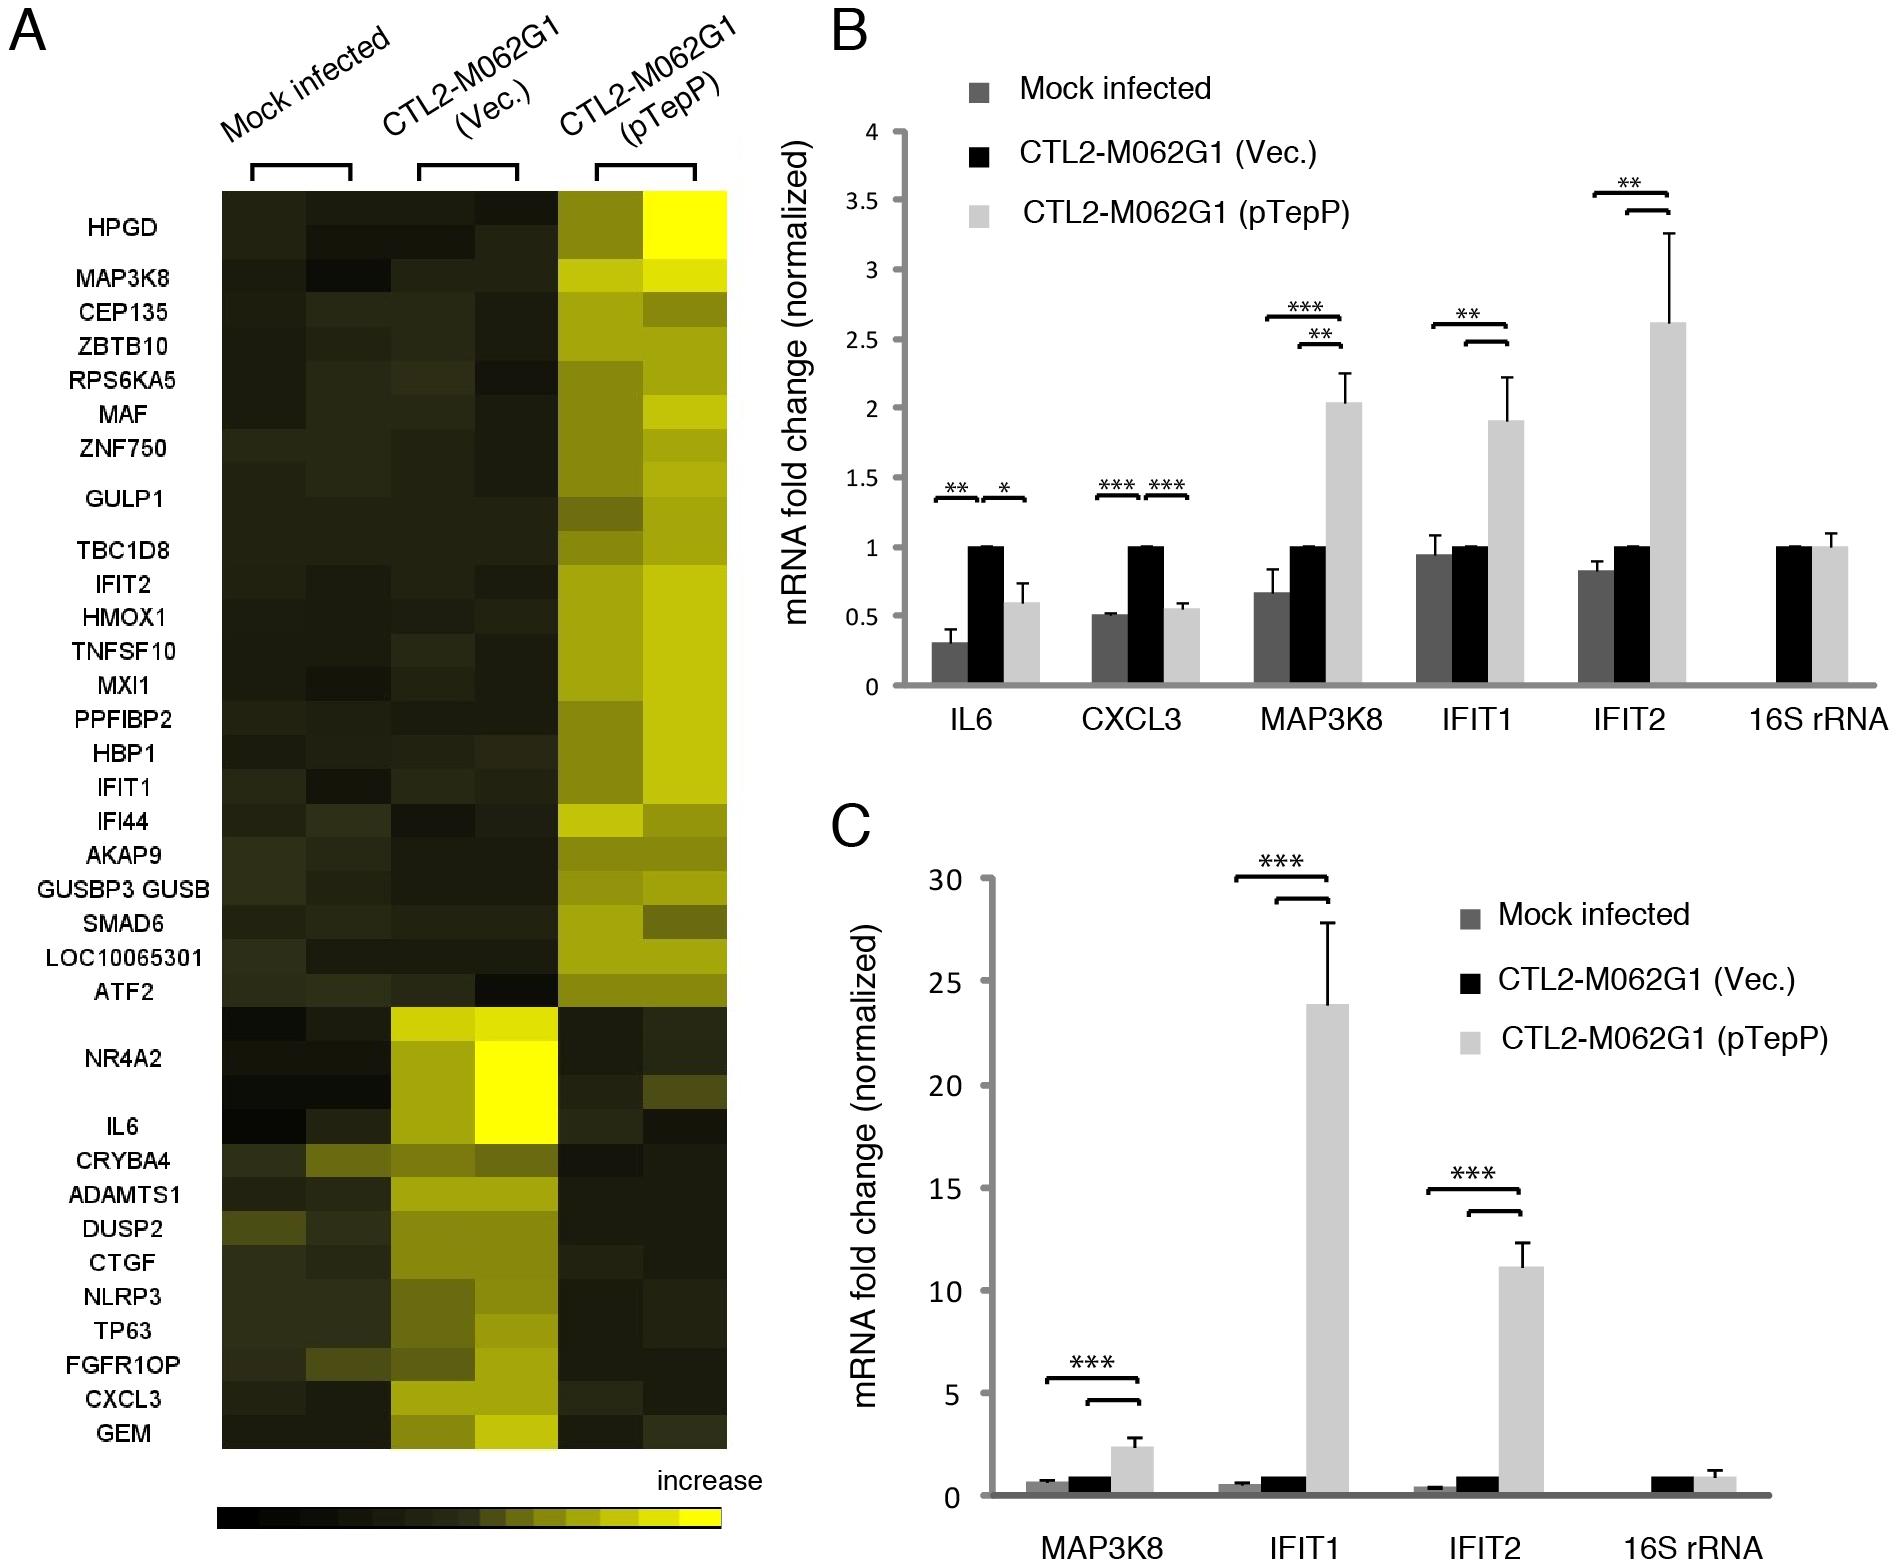 Global transcriptional profiling links TepP function to immune-related responses.